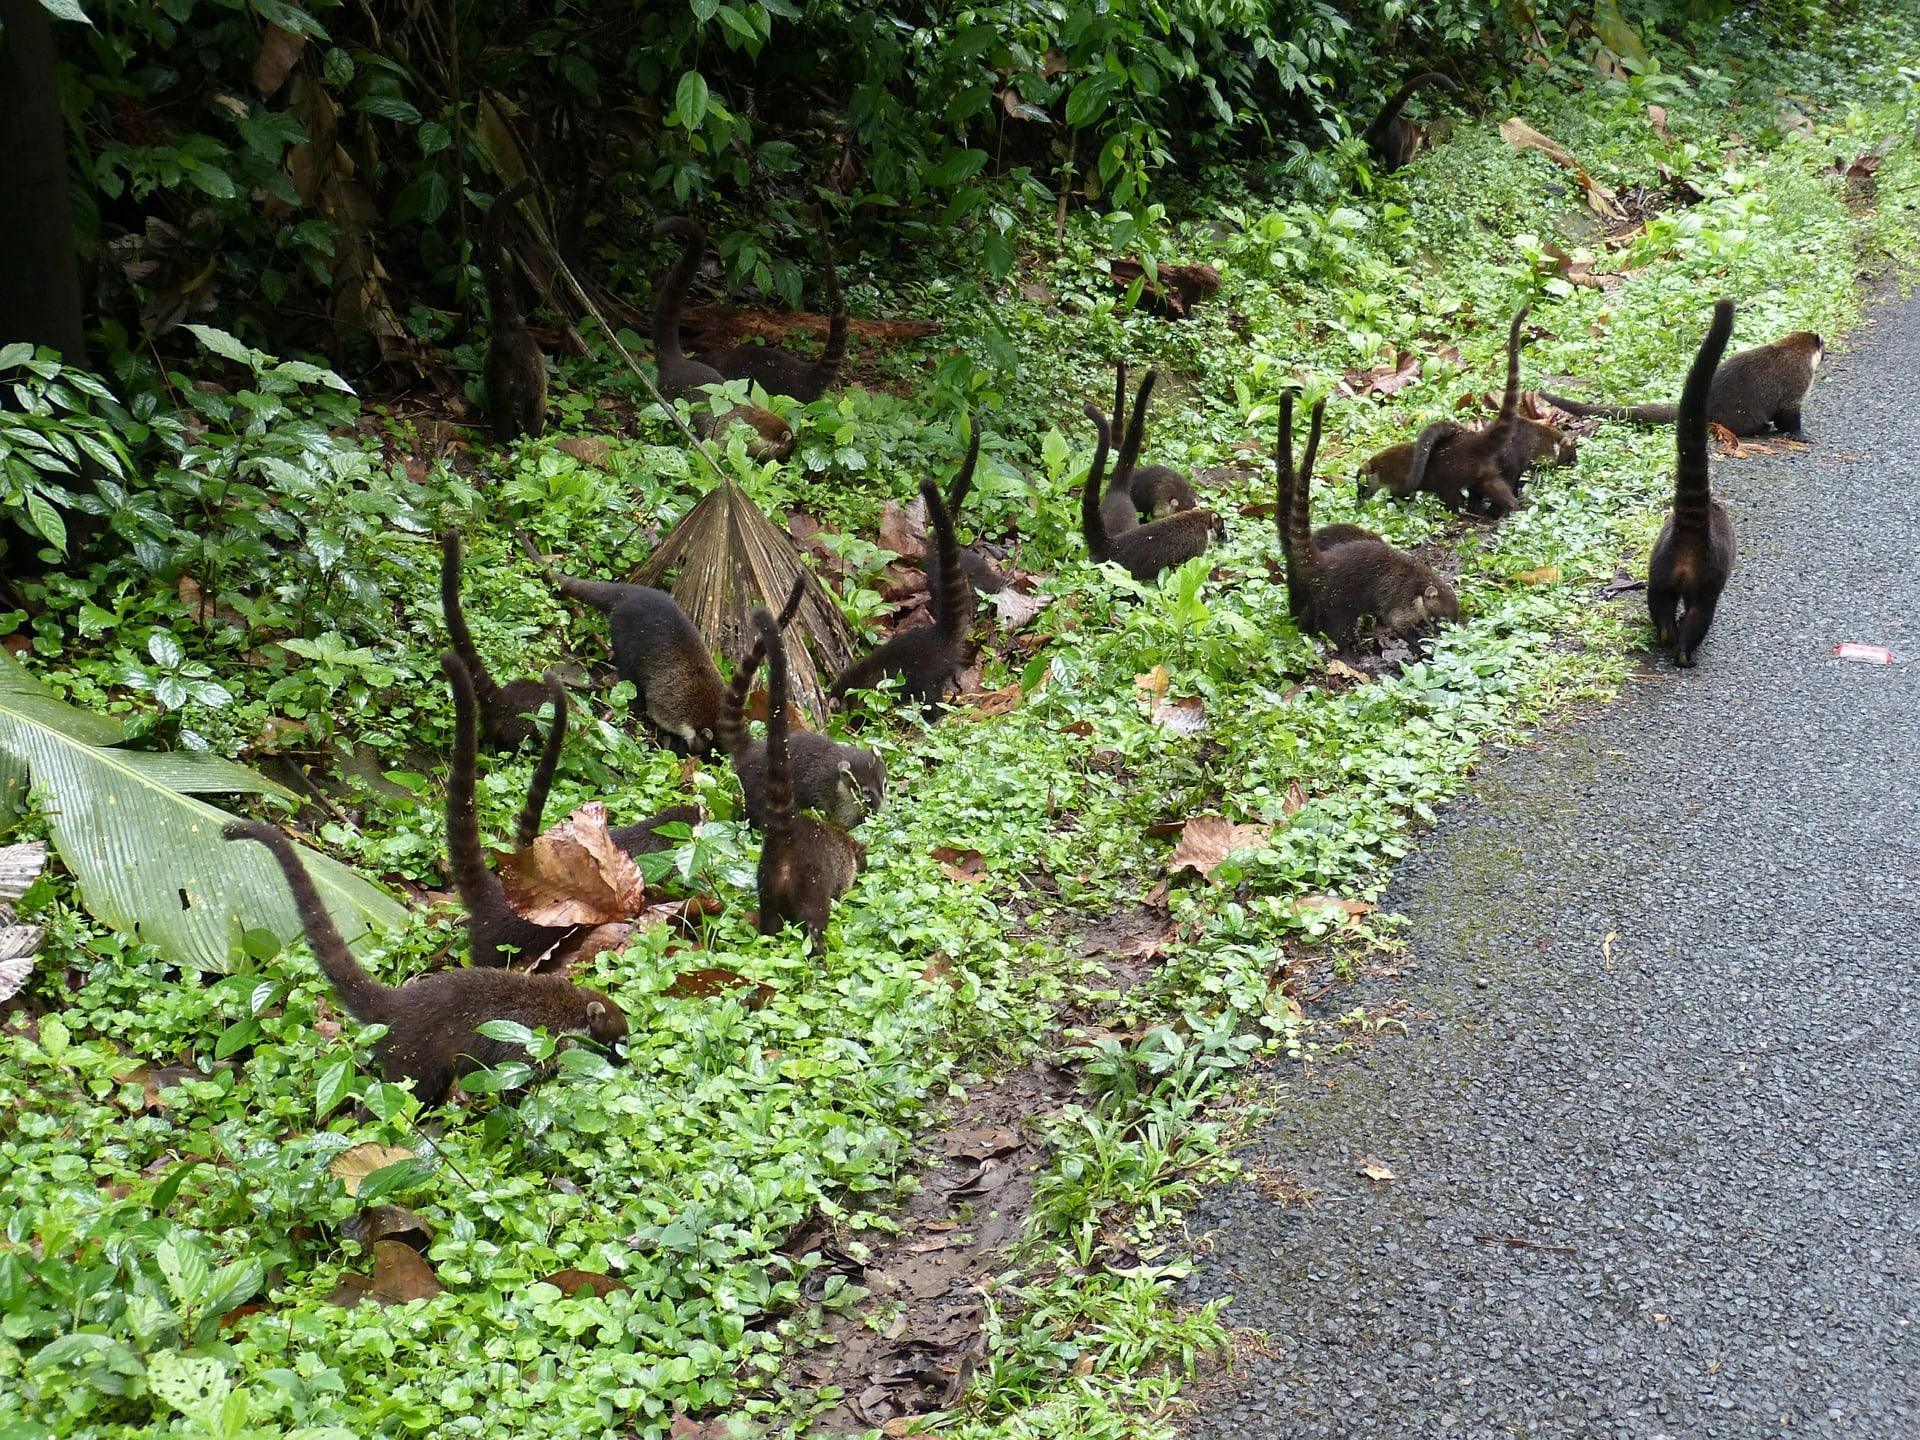 coatis in Costa Rica